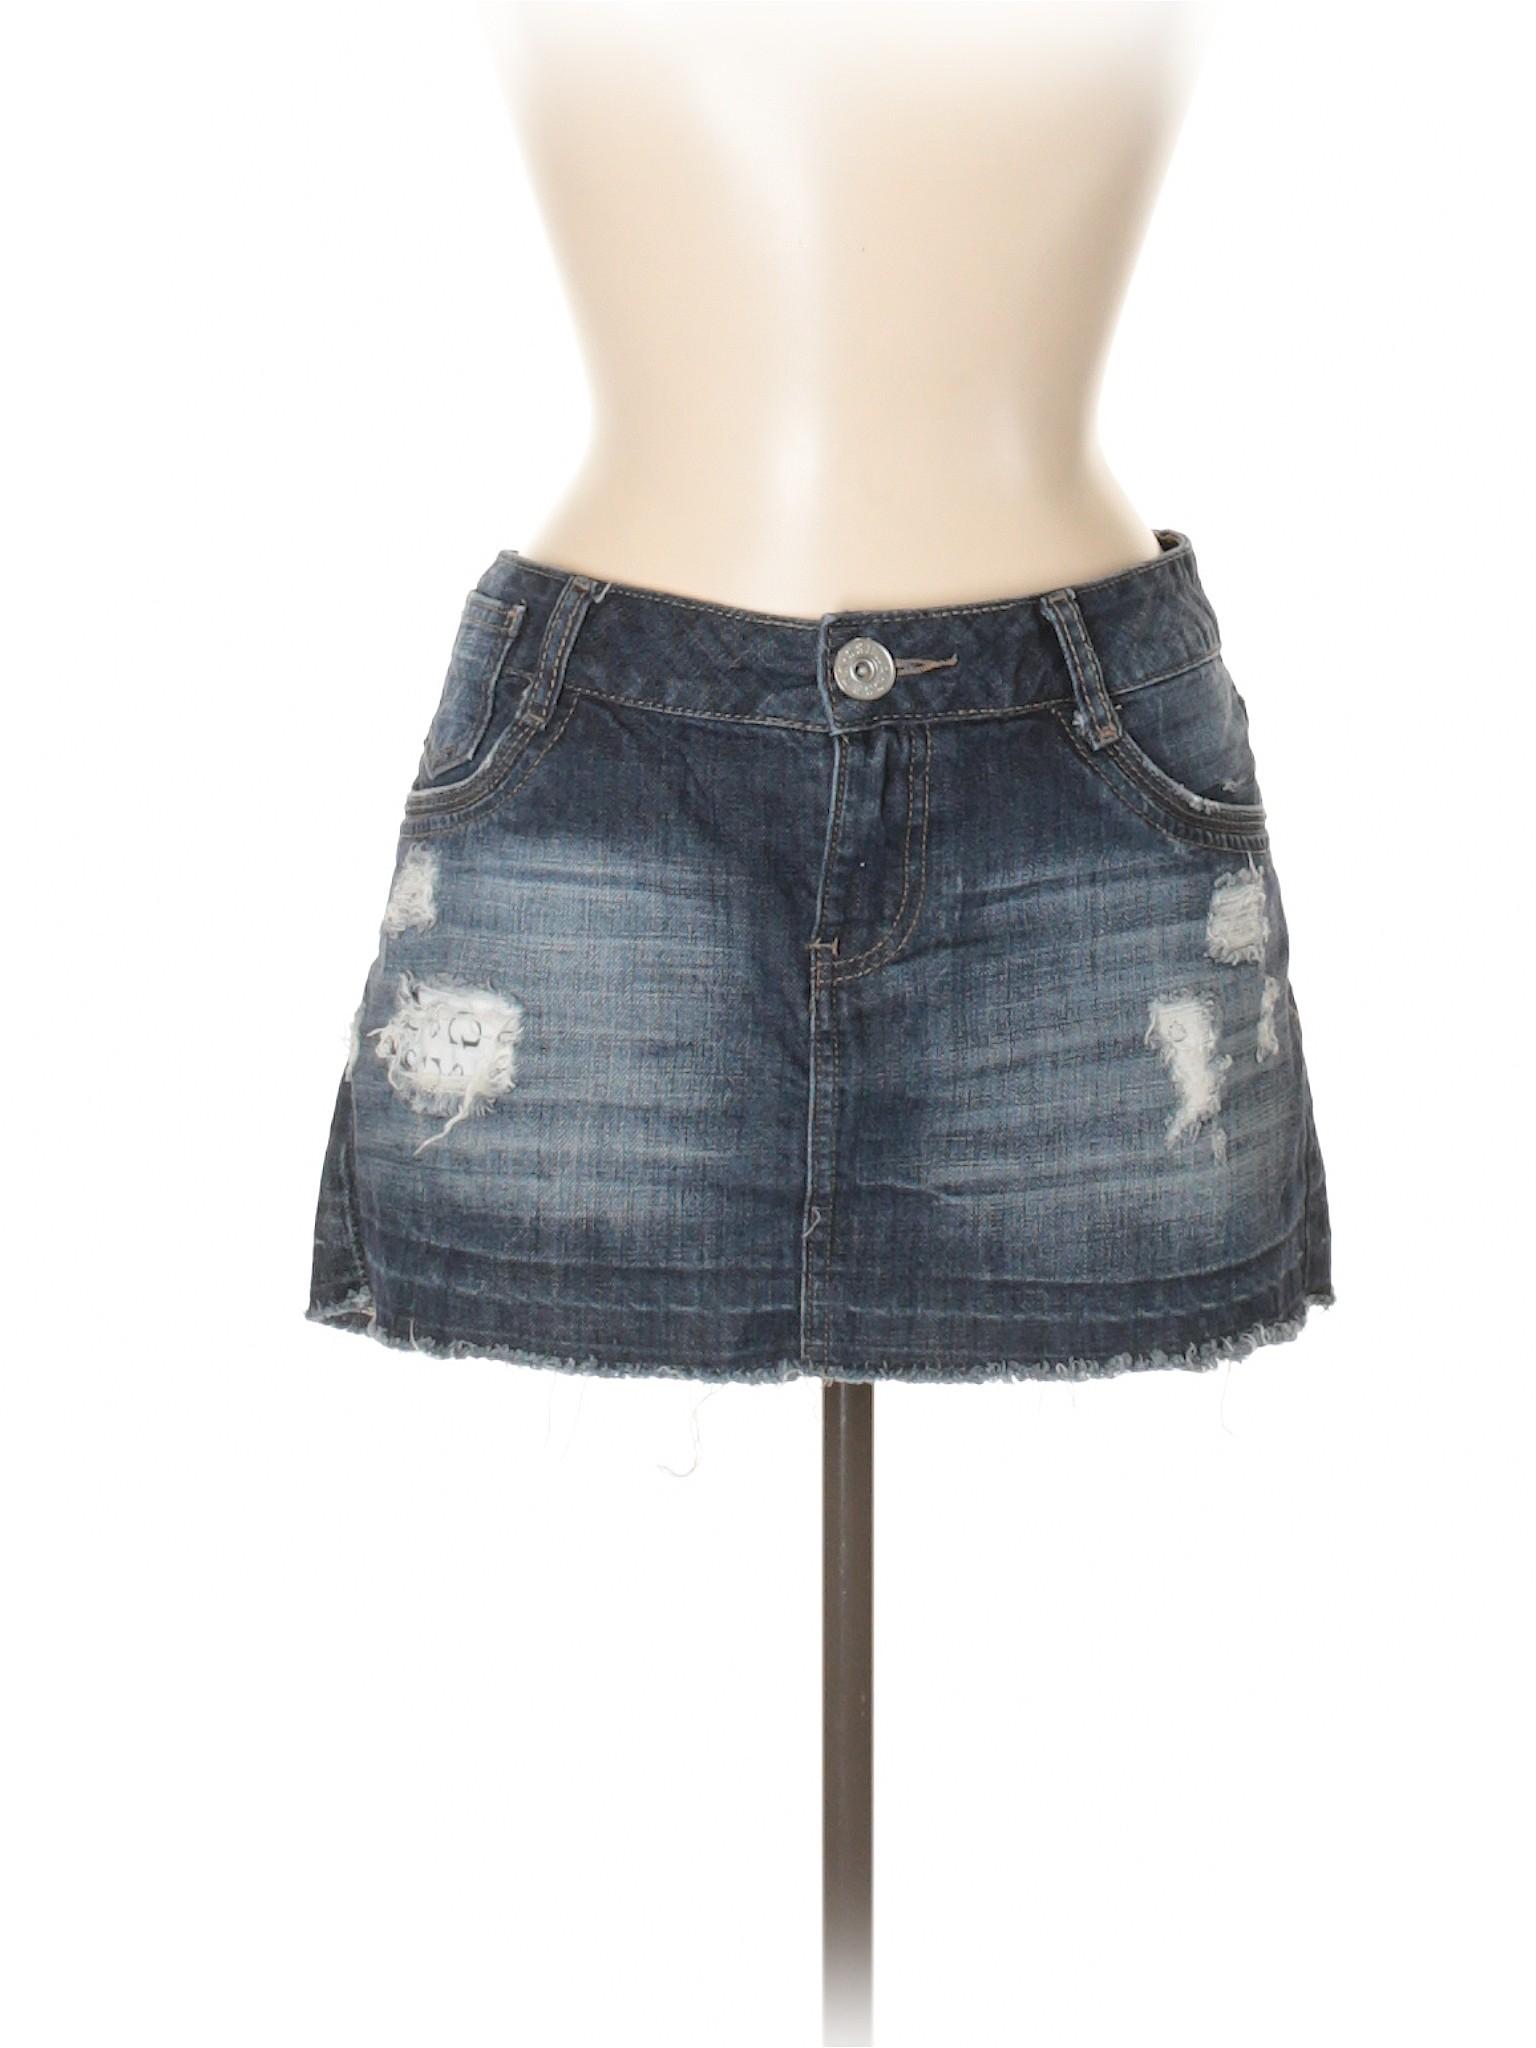 Boutique Skirt Skirt Skirt Denim Boutique Denim Boutique Boutique Skirt Skirt Denim Denim Boutique Denim fUq1Axg